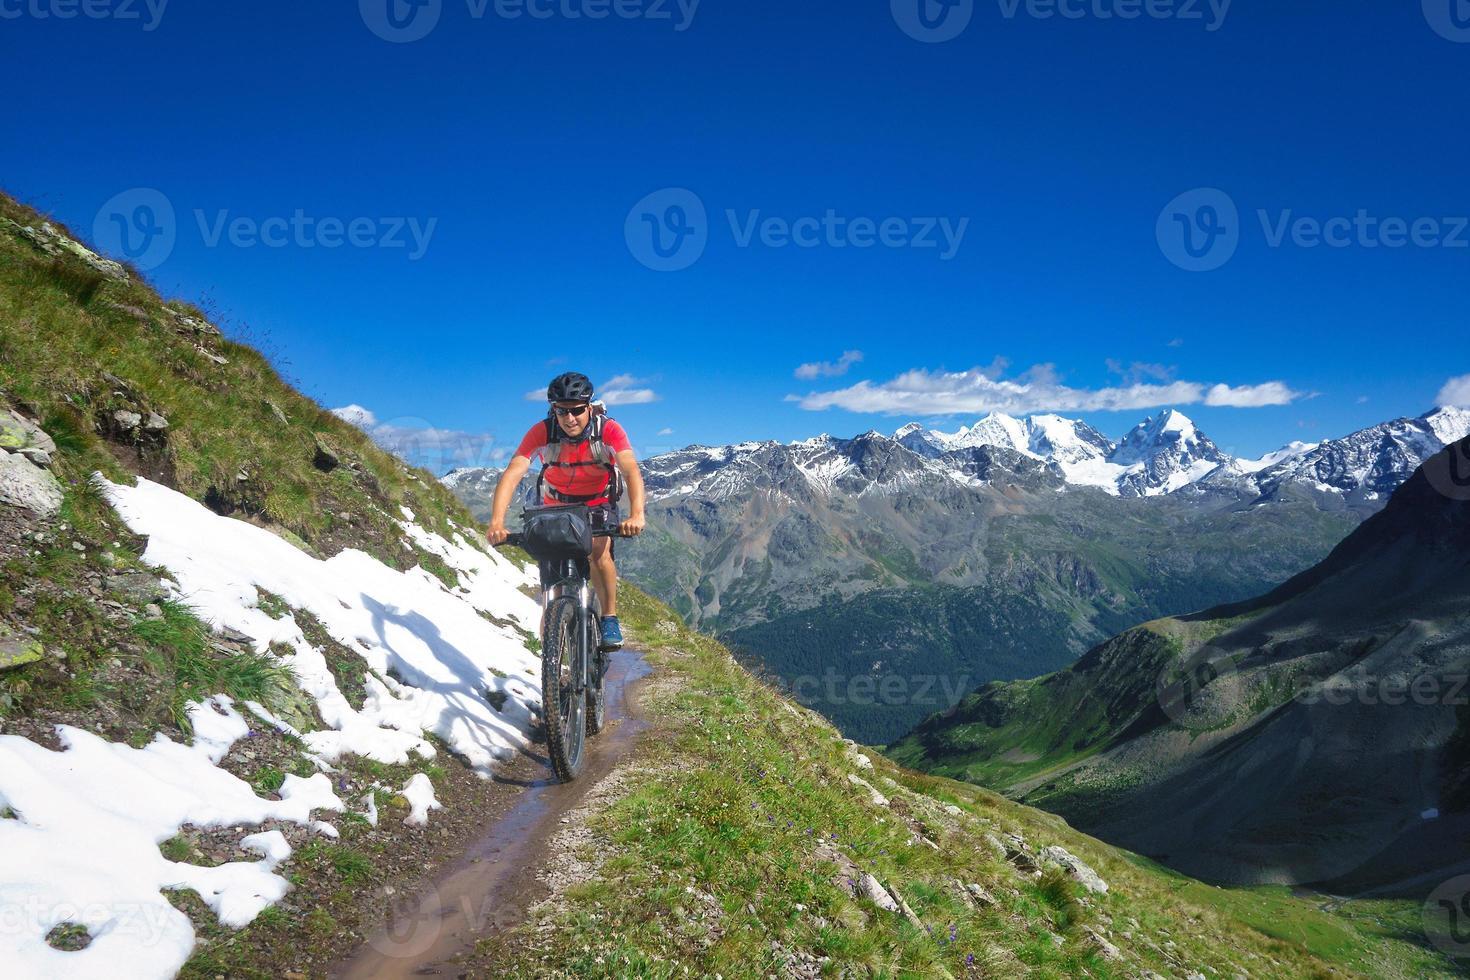 biker op bergpad in prachtig landschap op de alpen foto